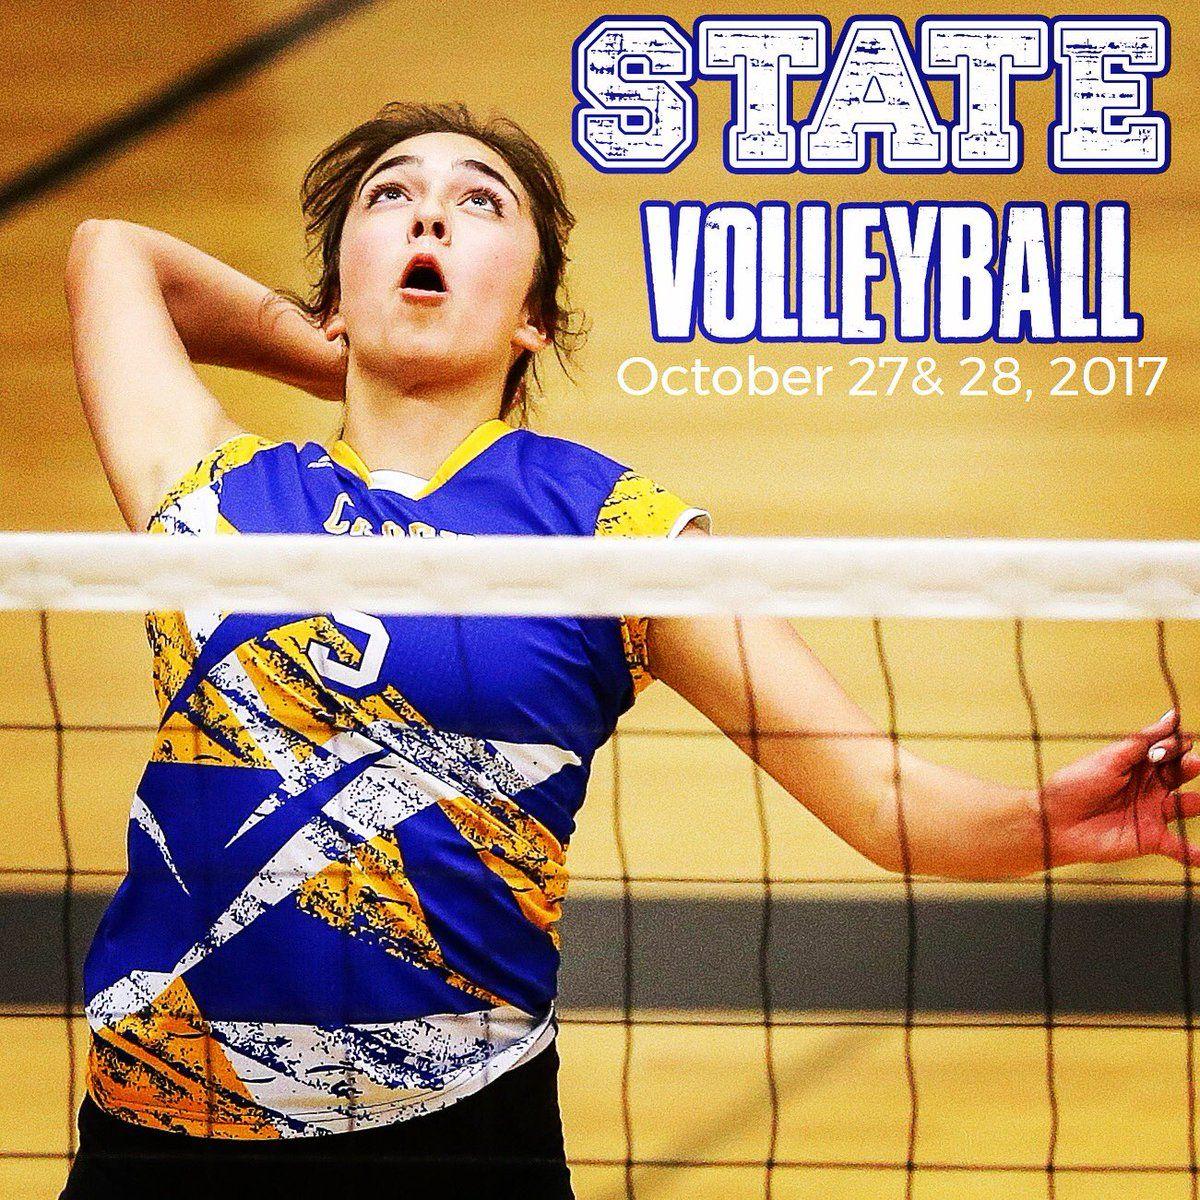 Idhsaa On Twitter Volleyball Idaho October 27